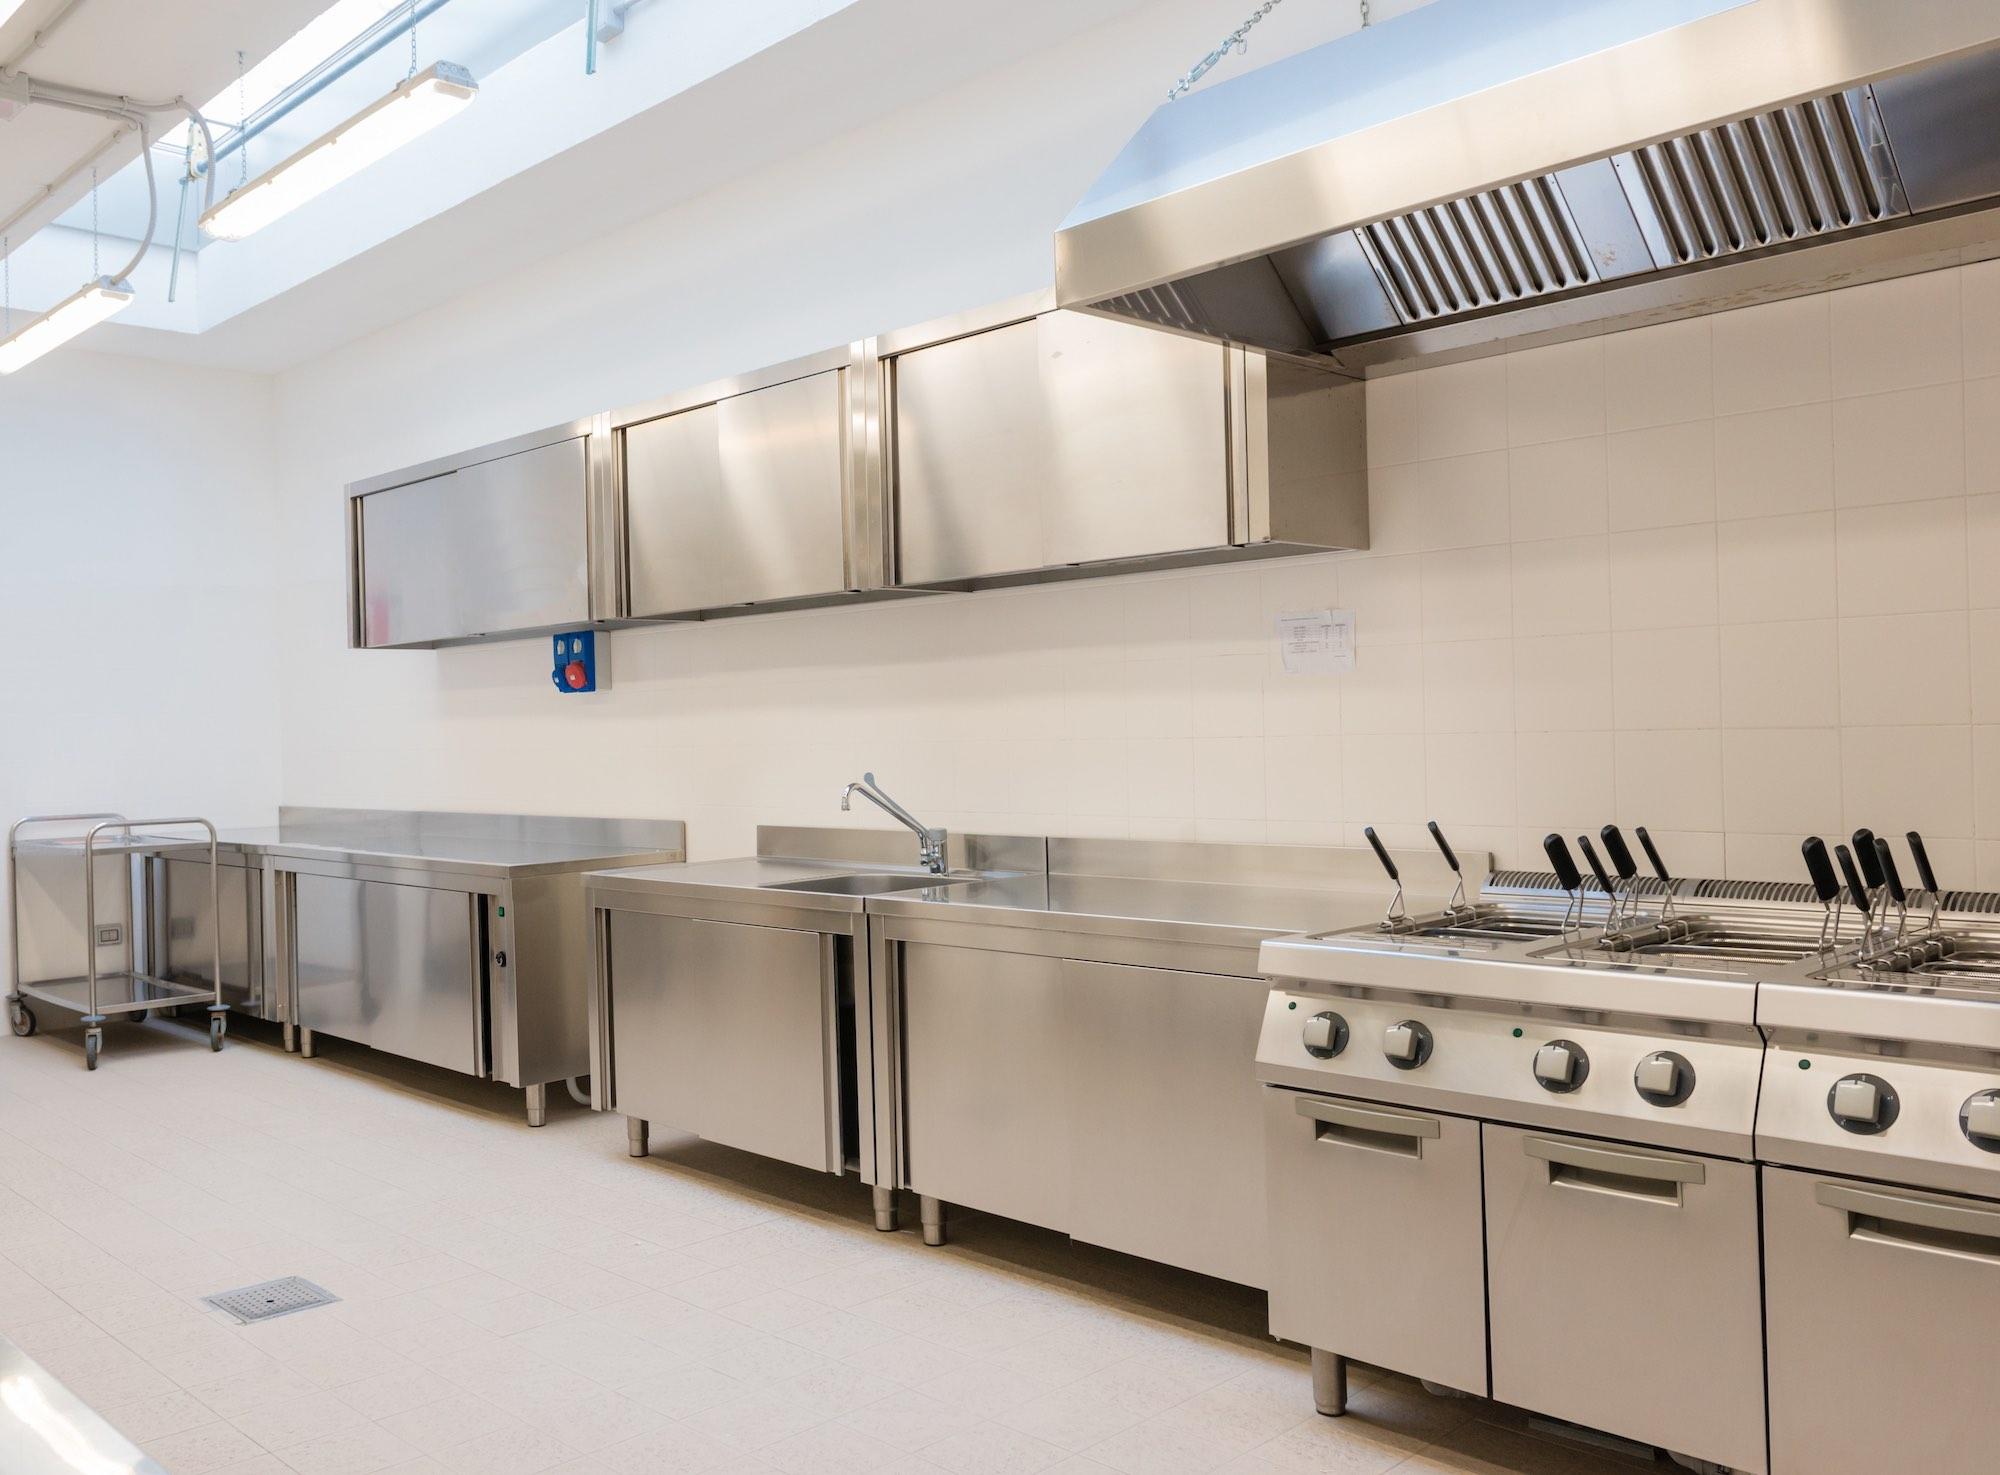 Gewerbliche Küche Auflagen   Luftungen Hagro